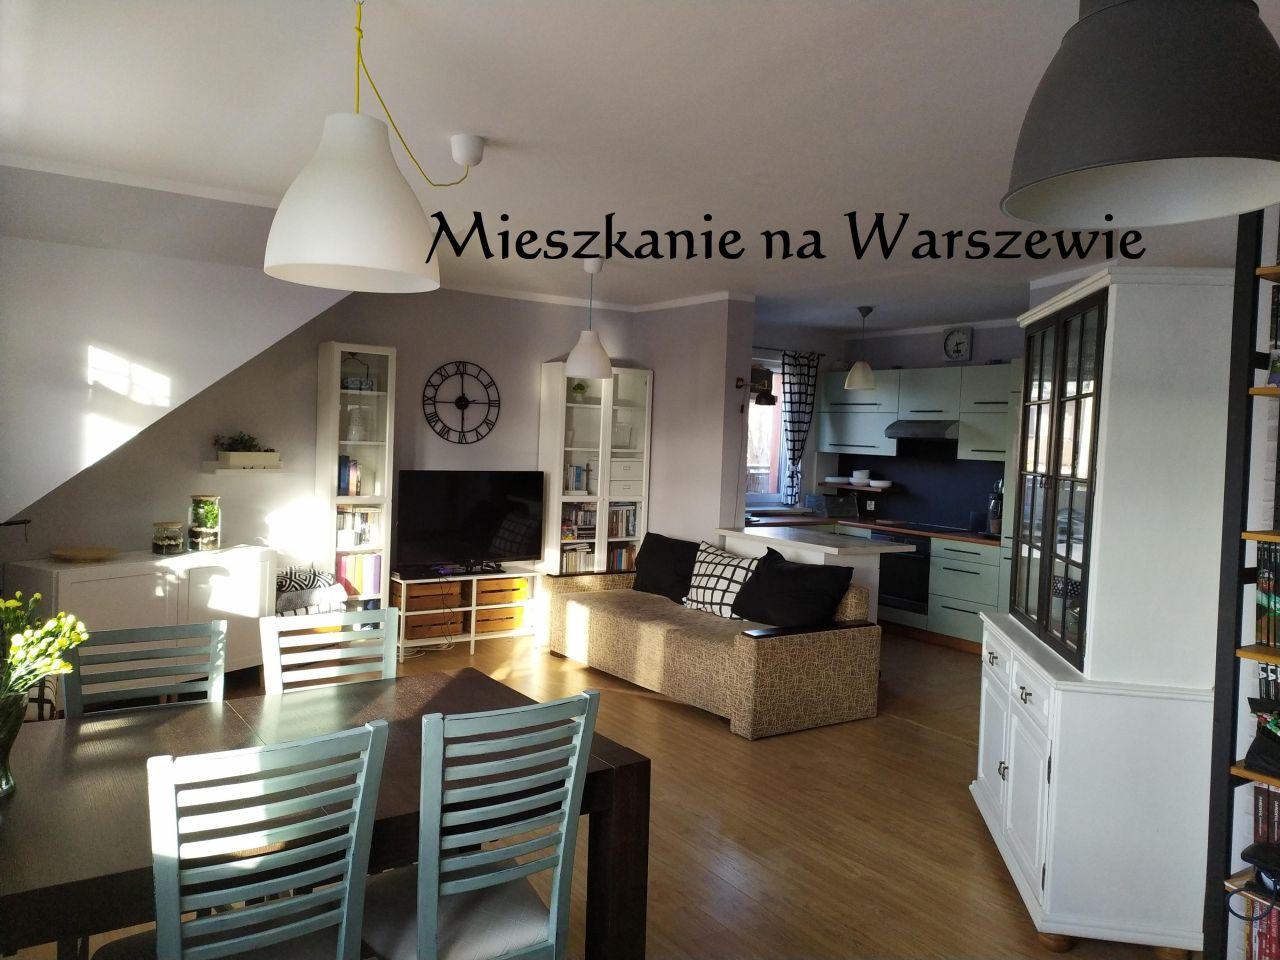 Mieszkanie 3-pokojowe Szczecin Warszewo, ul. Tadeusza Wieczorowskiego